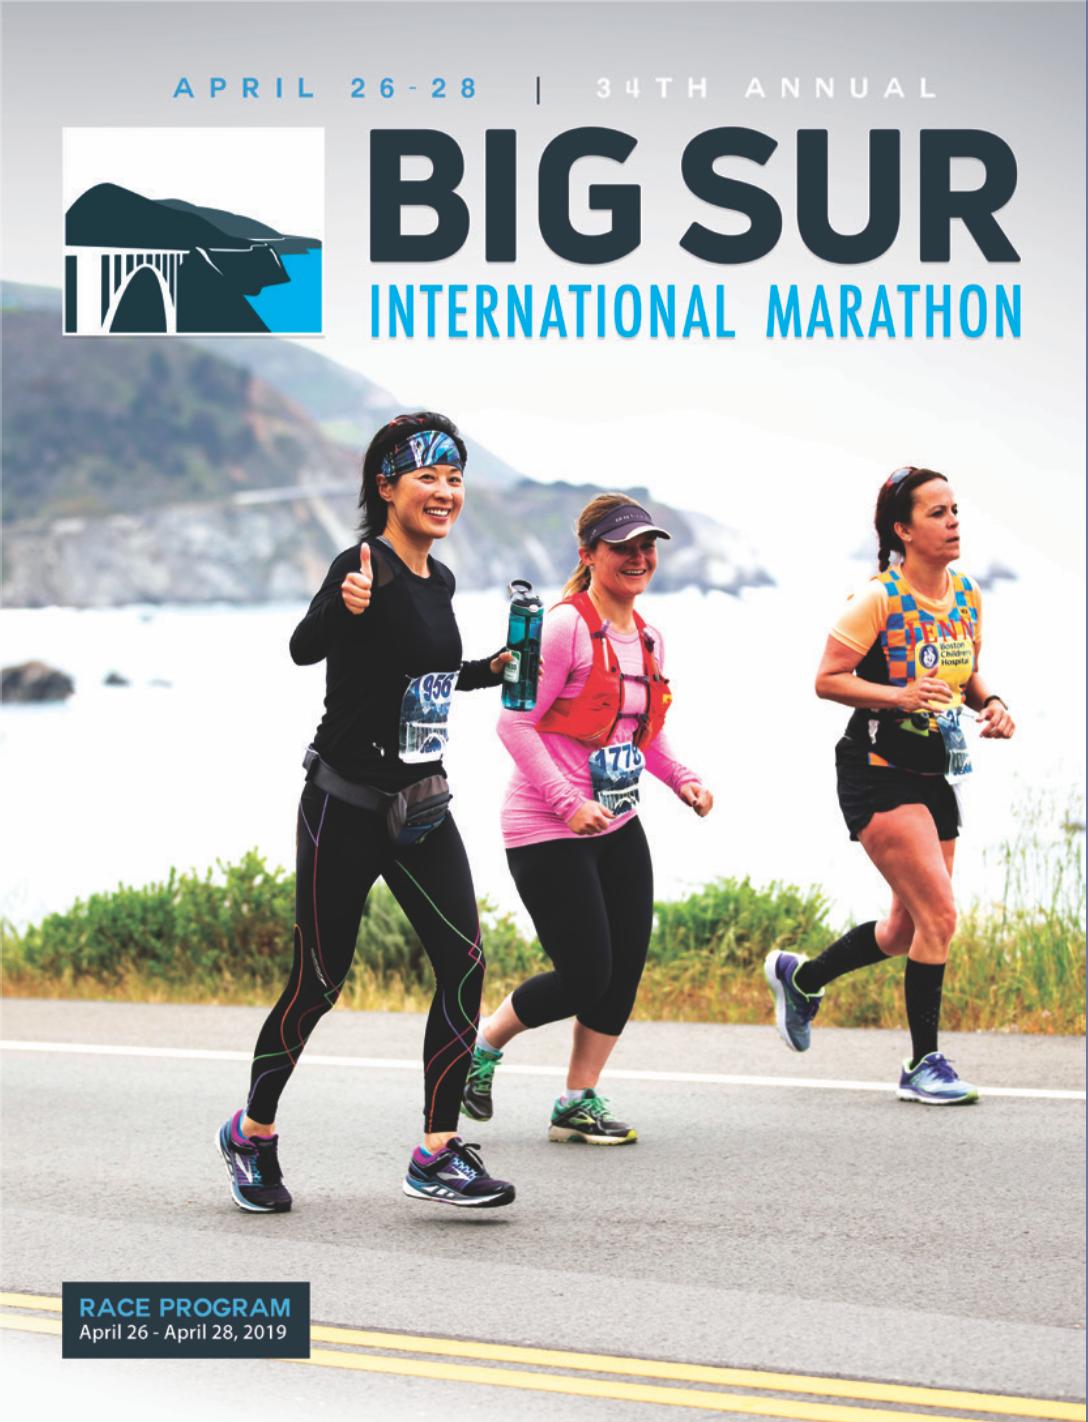 Big Sur International Marathon 2019